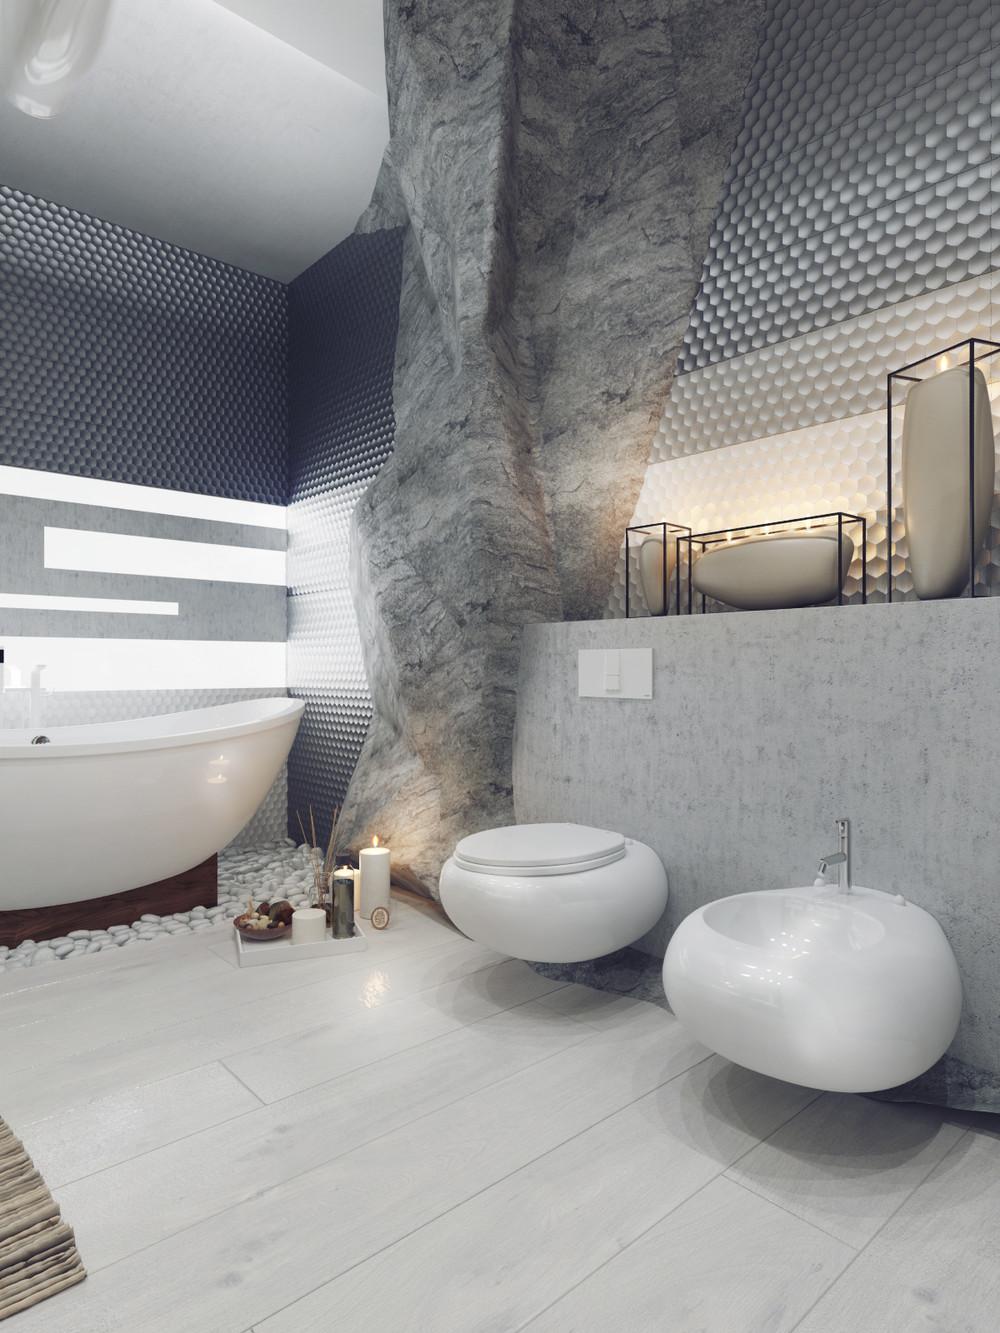 حمام ذو حوائط حجرية 3ا1 10 حمامات فخمة بديكورات حجرية رائعة